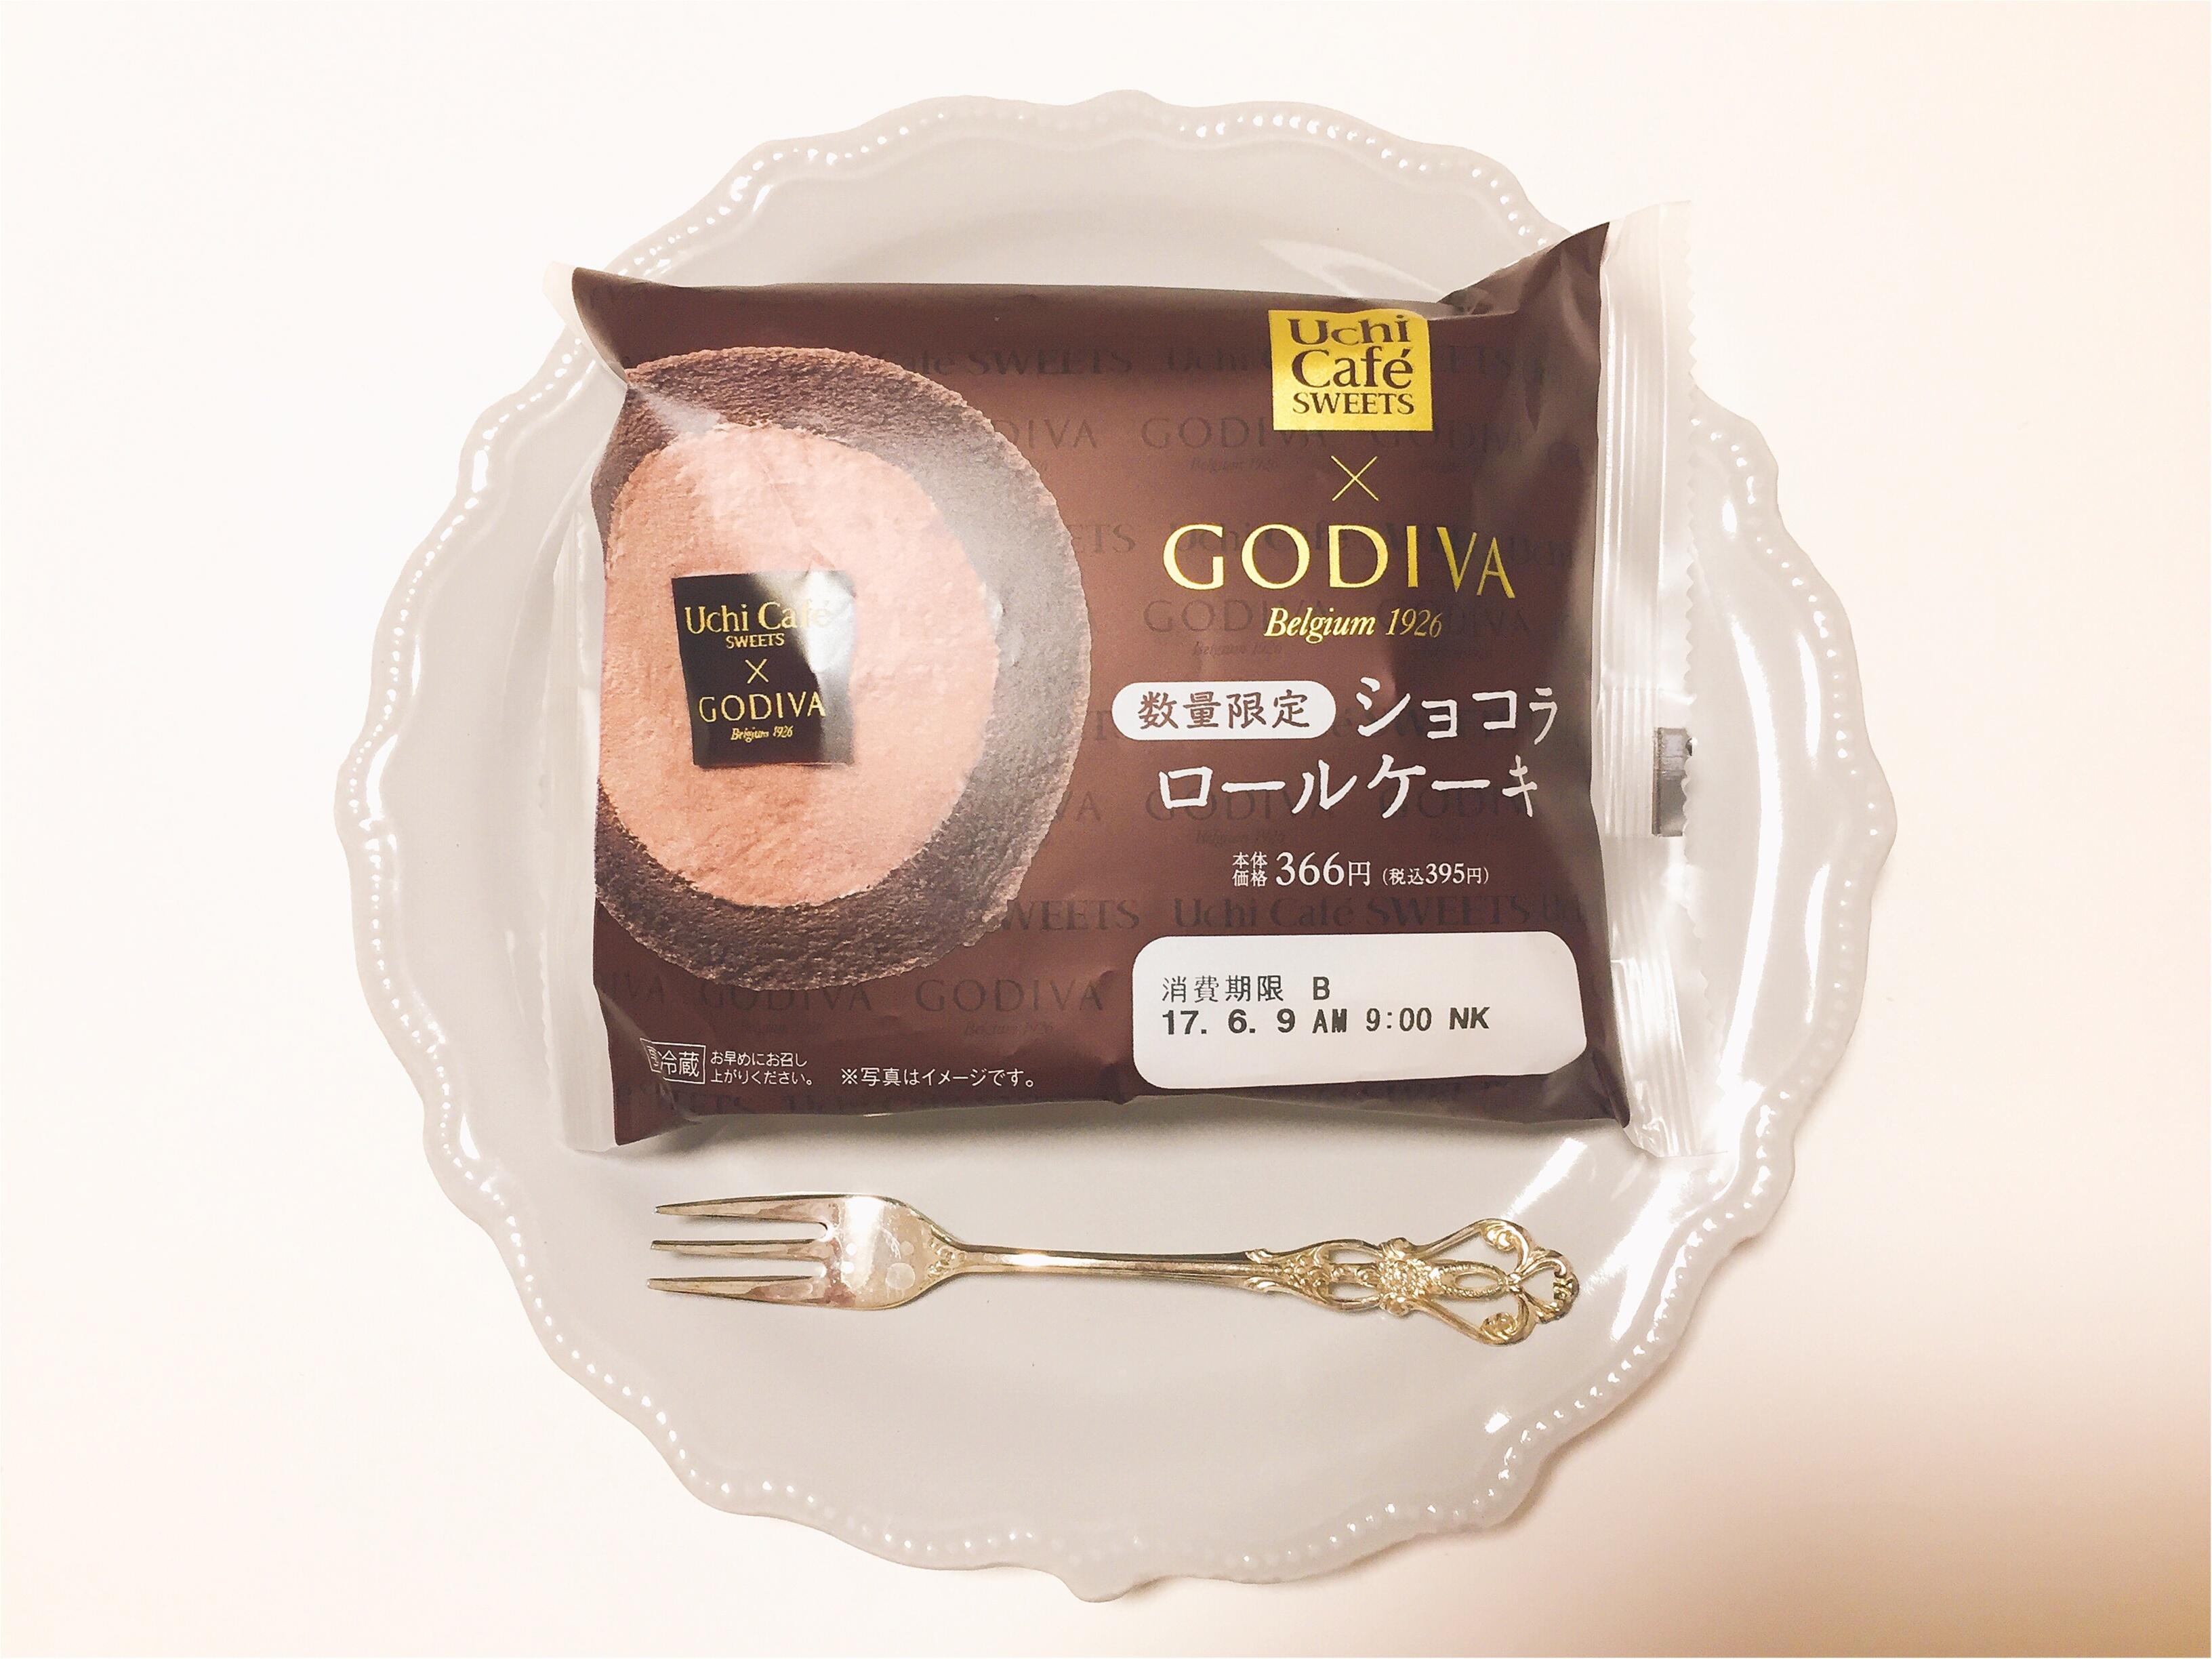 数量限定!ローソンとGODIVAコラボのショコラロールケーキは食べるしかない!!_1